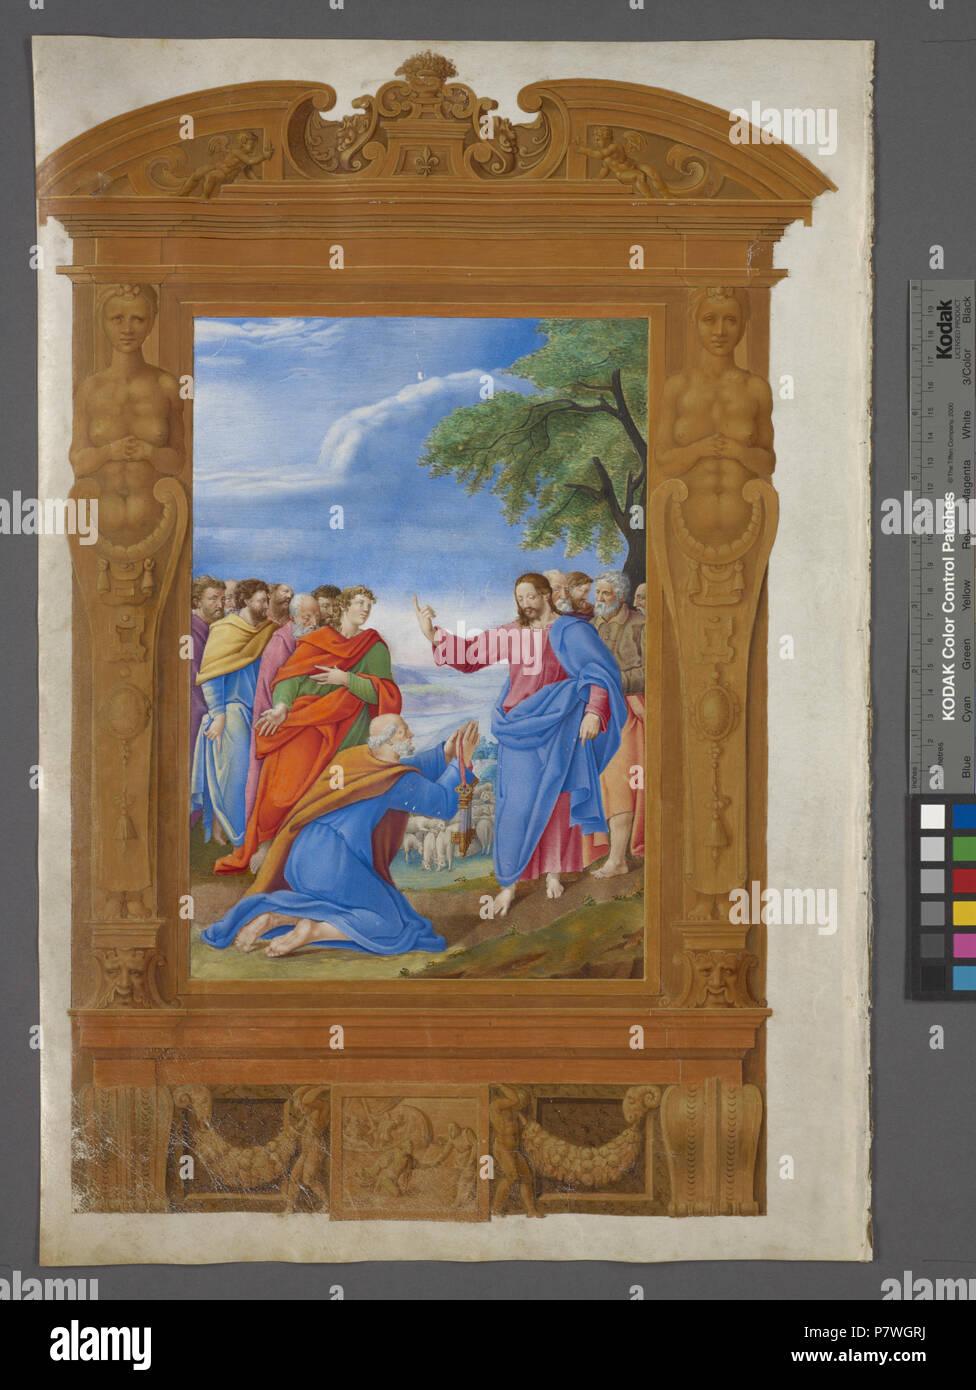 Groß Lenox Rahmen Ideen - Familienfoto Kunst Ideen - tintuctoday.info